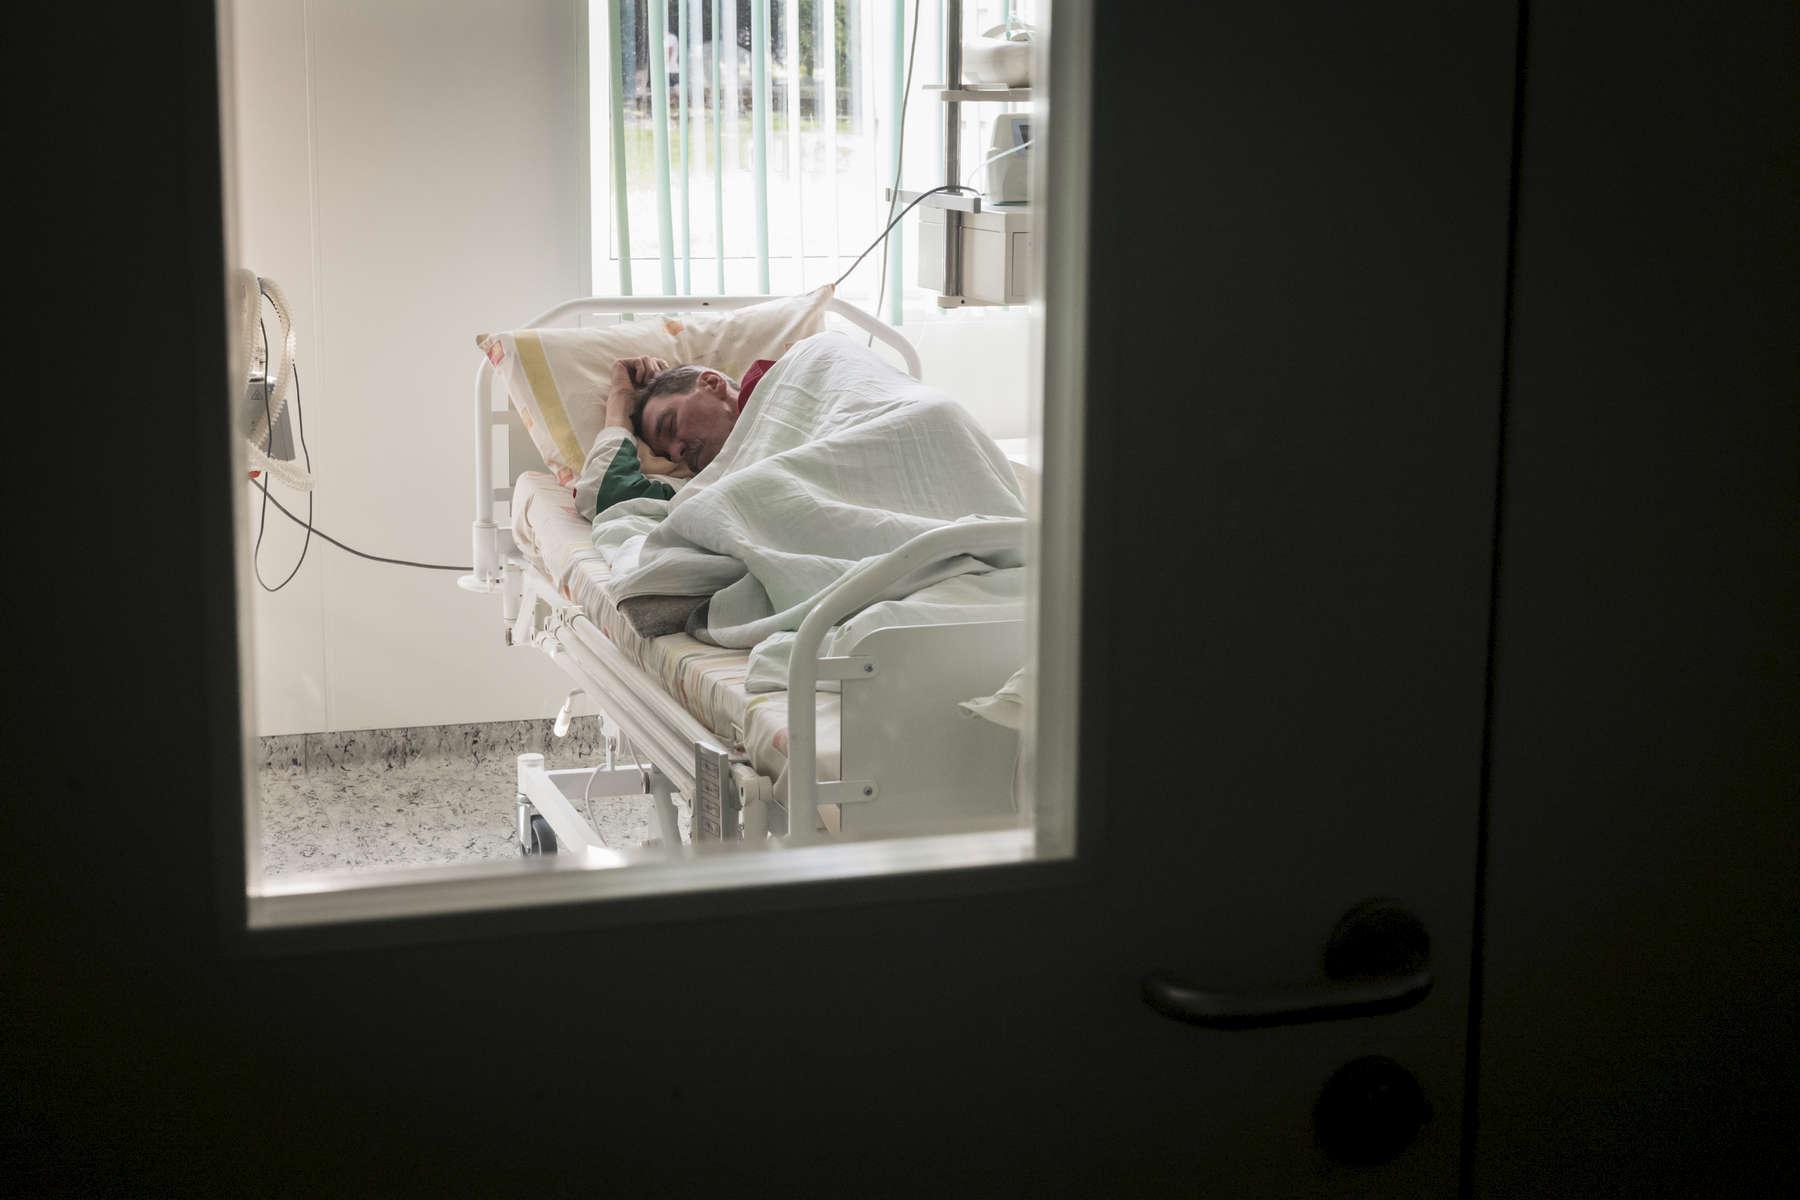 Léonid n'est pas autorisé à sortir de cette chambre qui est fermée à clés. Cela fait un mois qu'il y est. Unité intensive de soins. Institut Républicain de la Tb, Minsk, Bielorussie, 2018